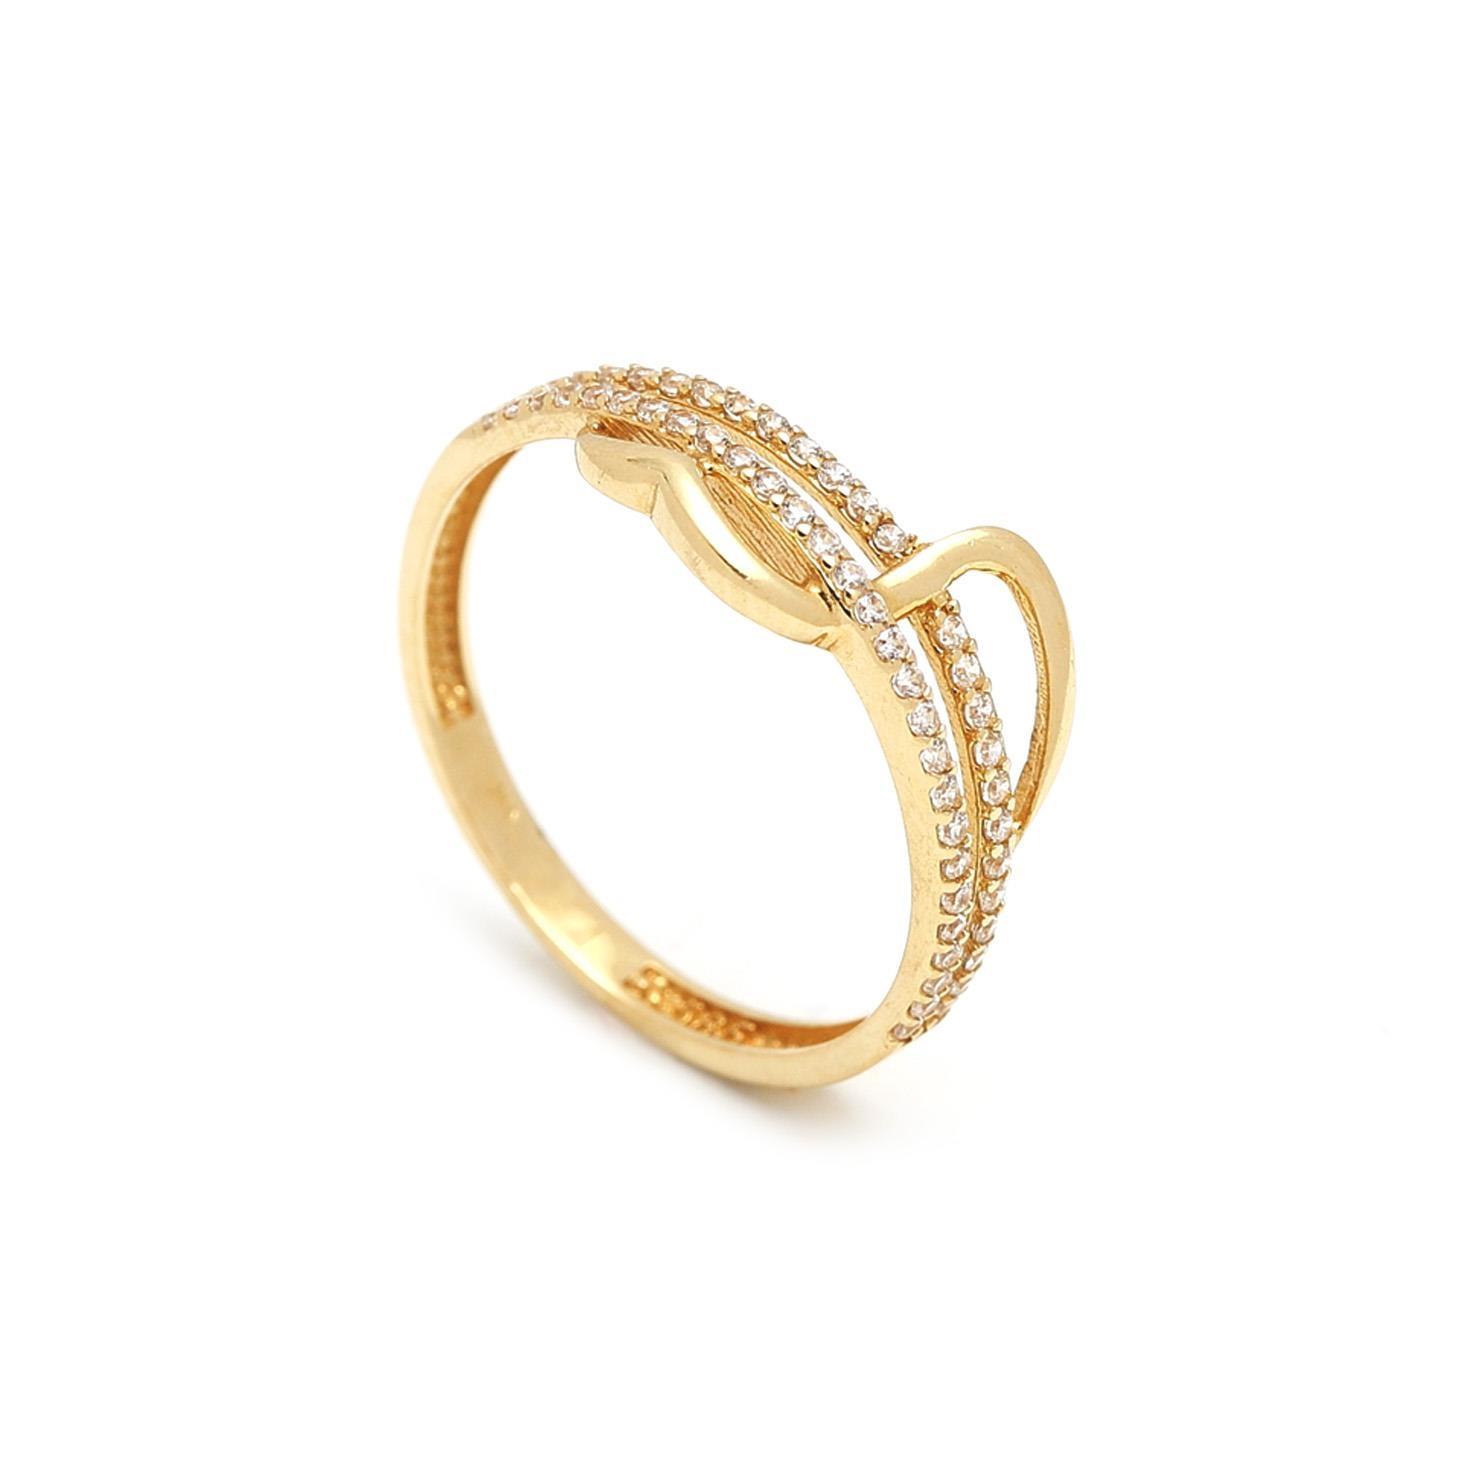 Zlatý dámsky prsteň FRANCESCA 1PZ00056